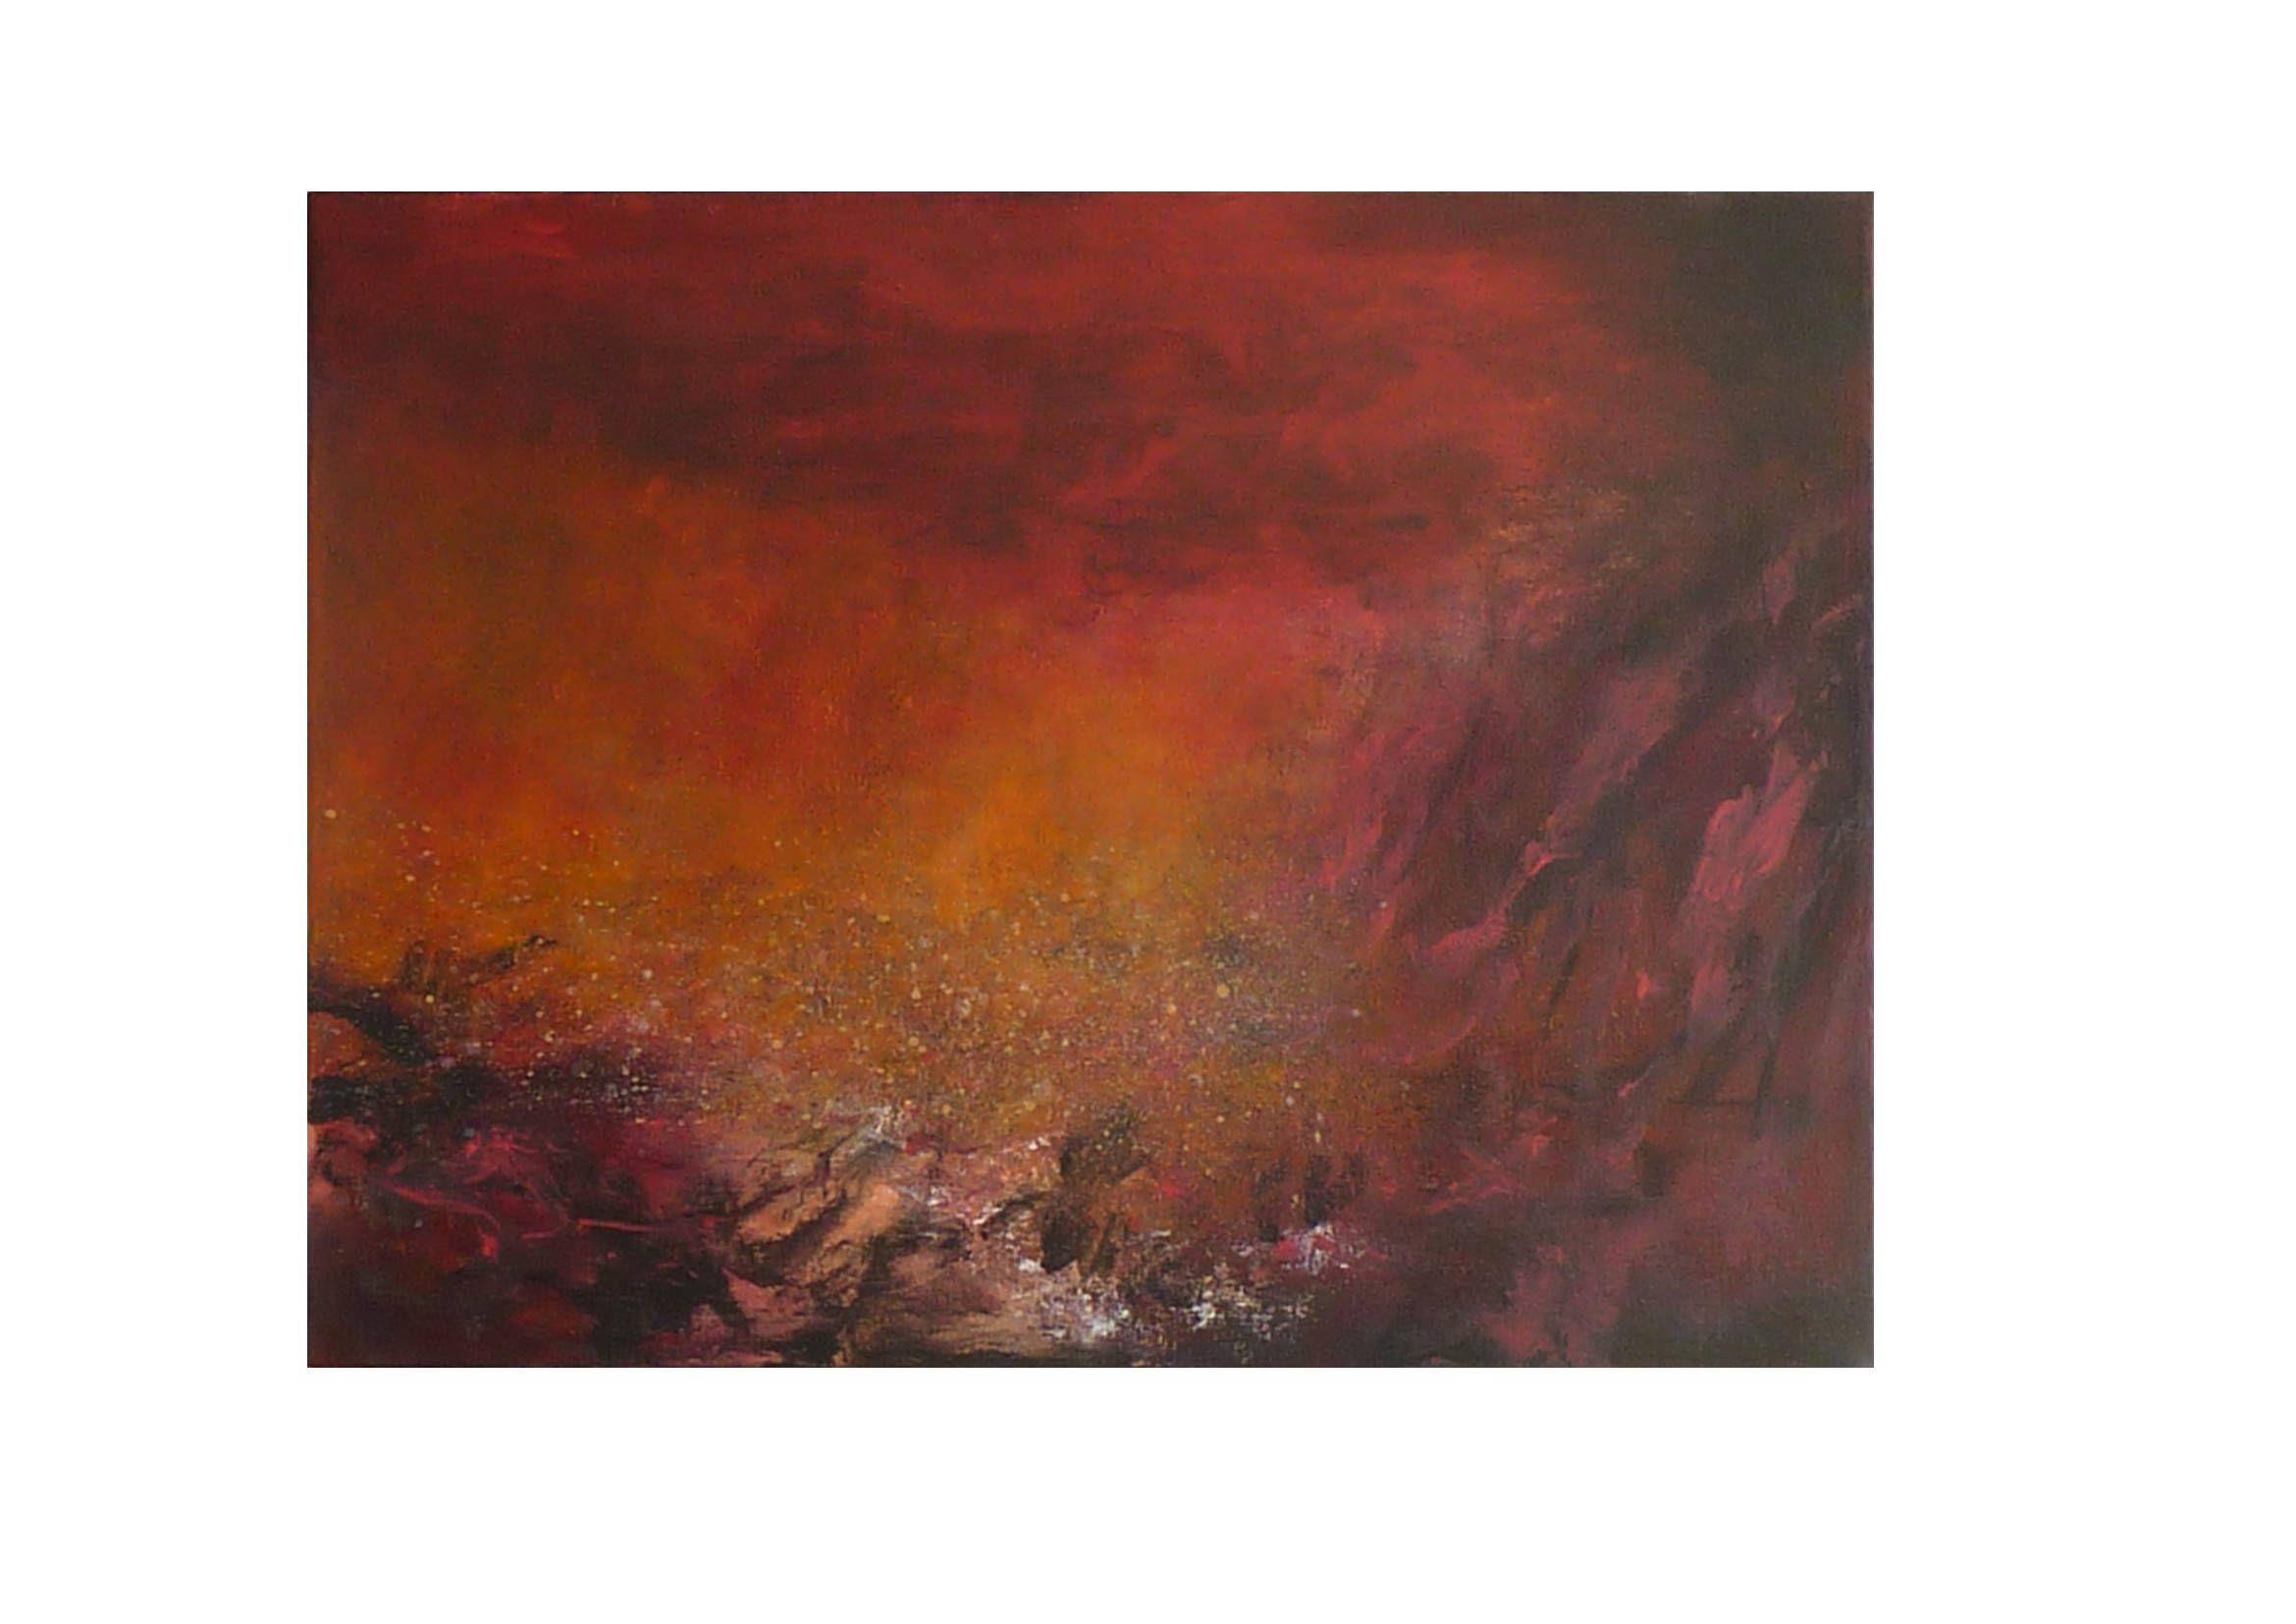 Tableau Abstrait Rouge Orange Noir Original Paysage